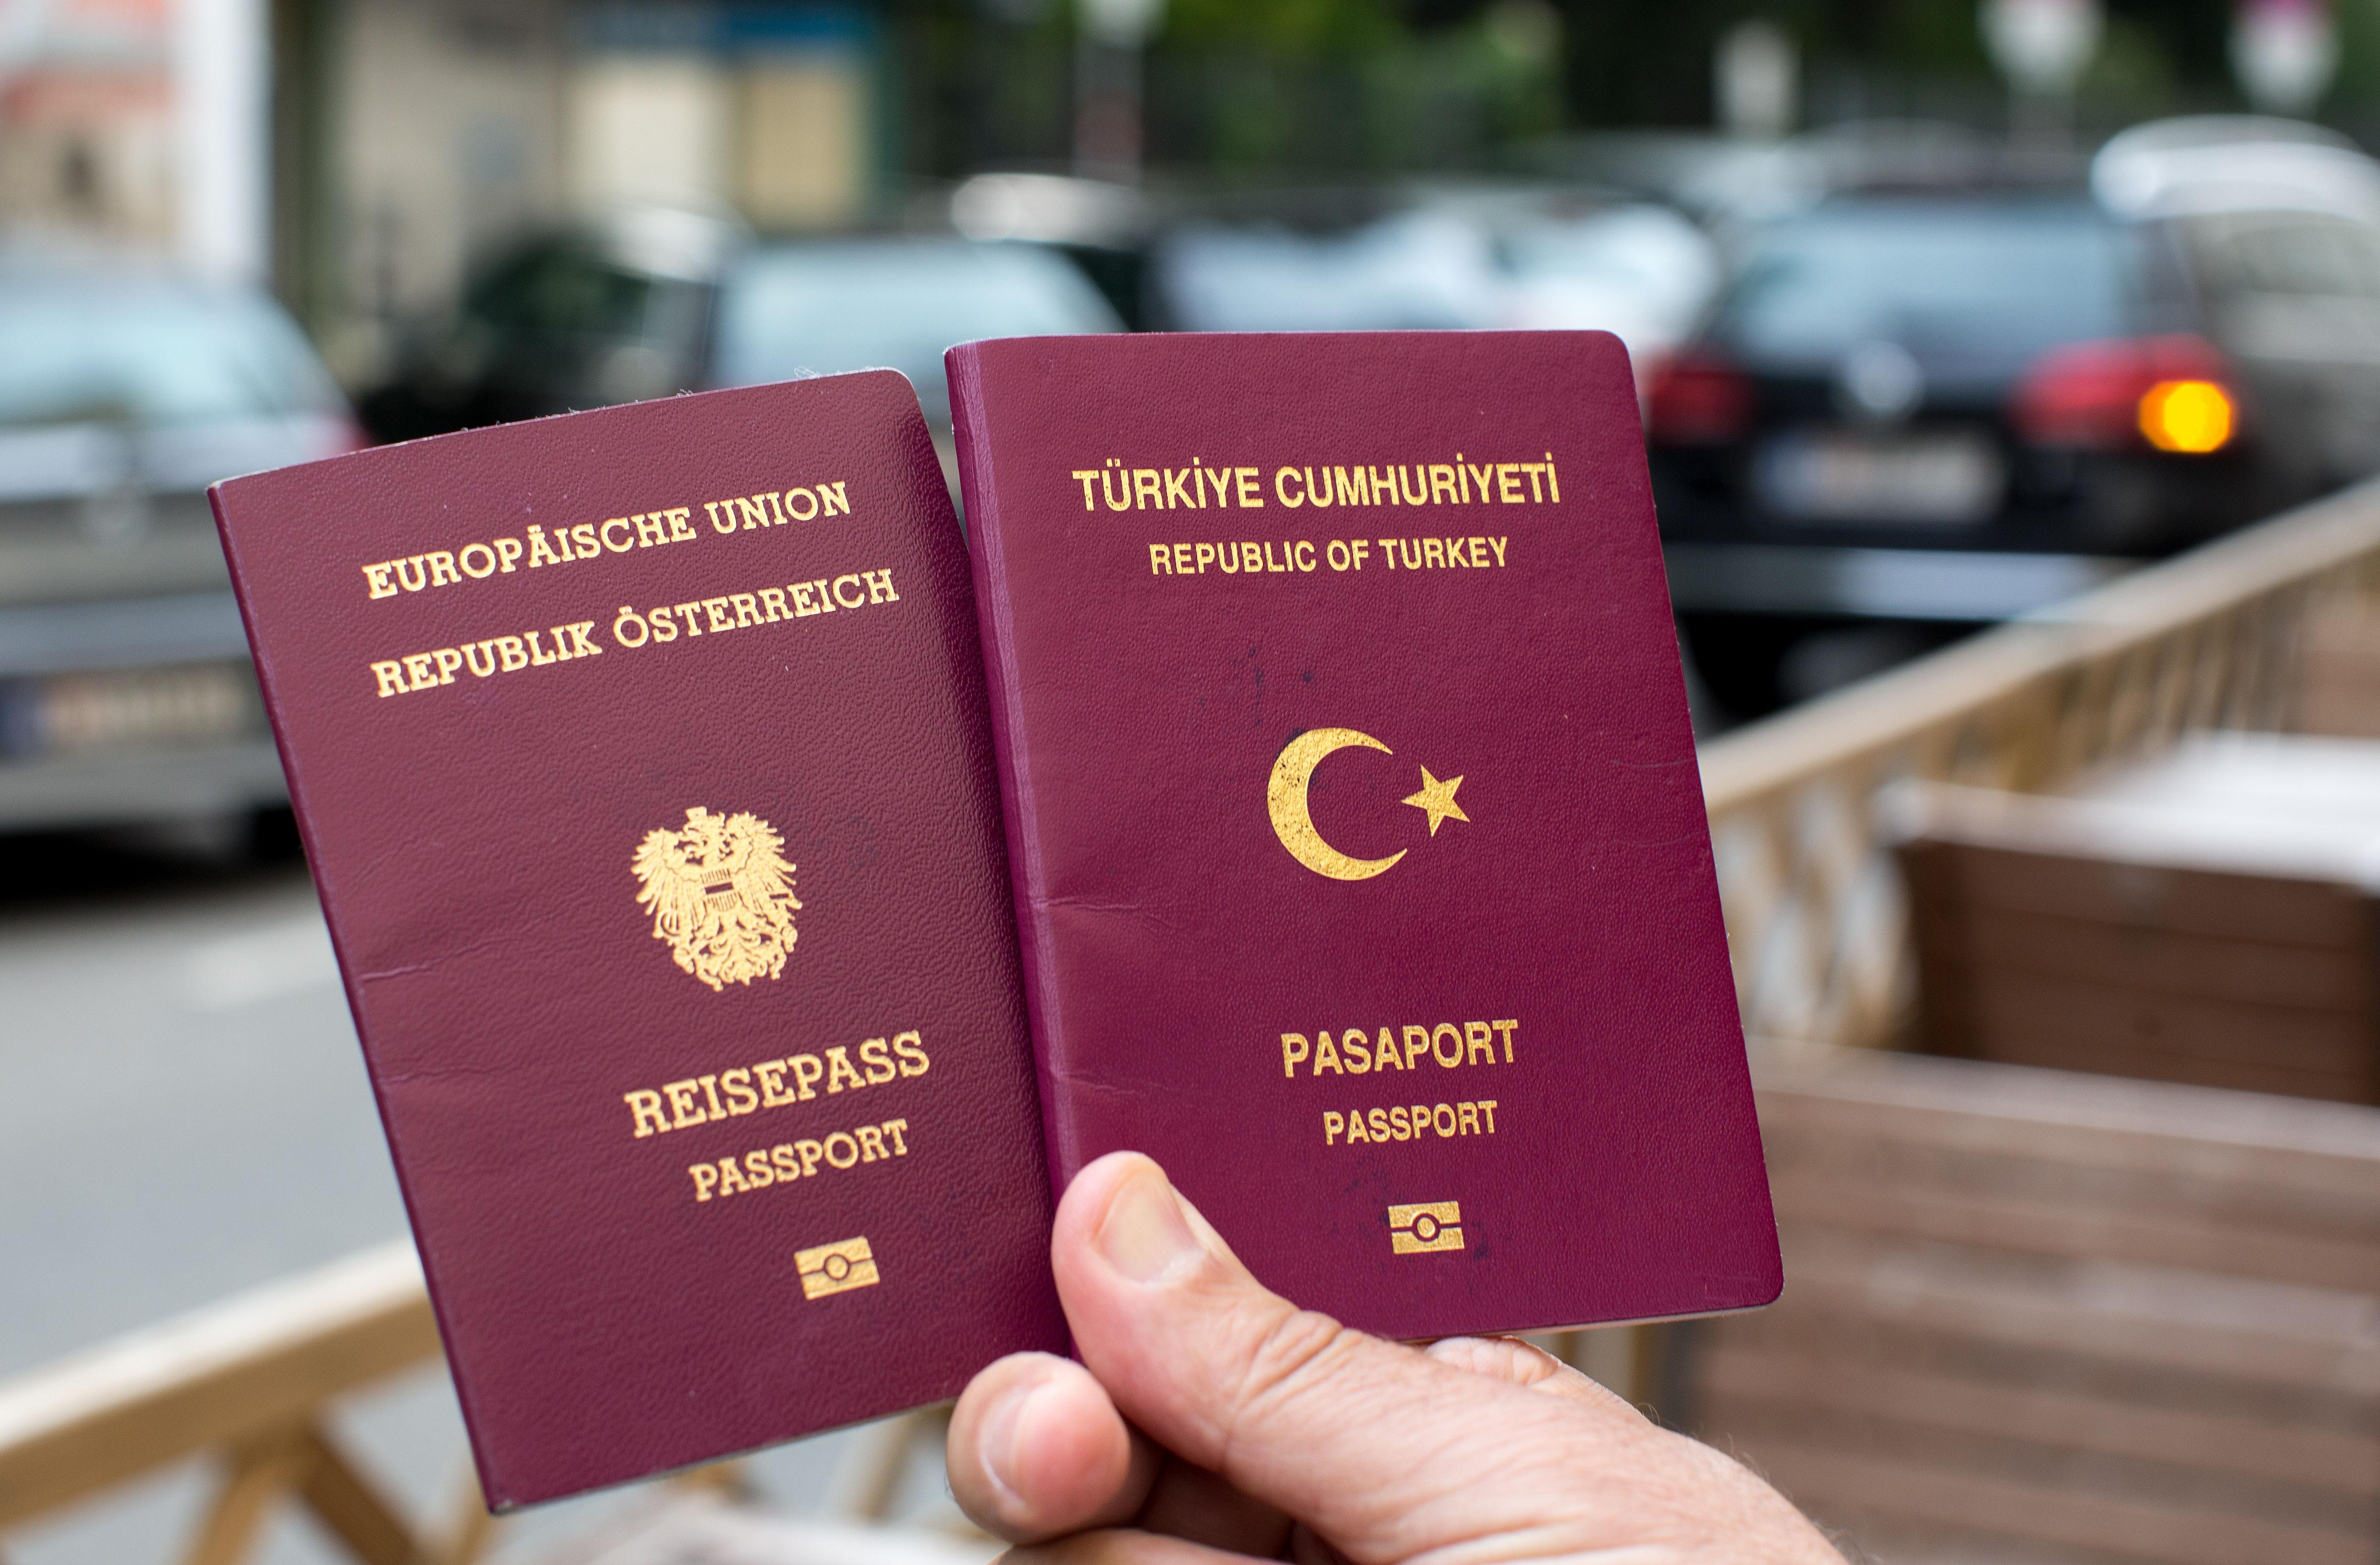 Austria and Turkey passport holding in hand